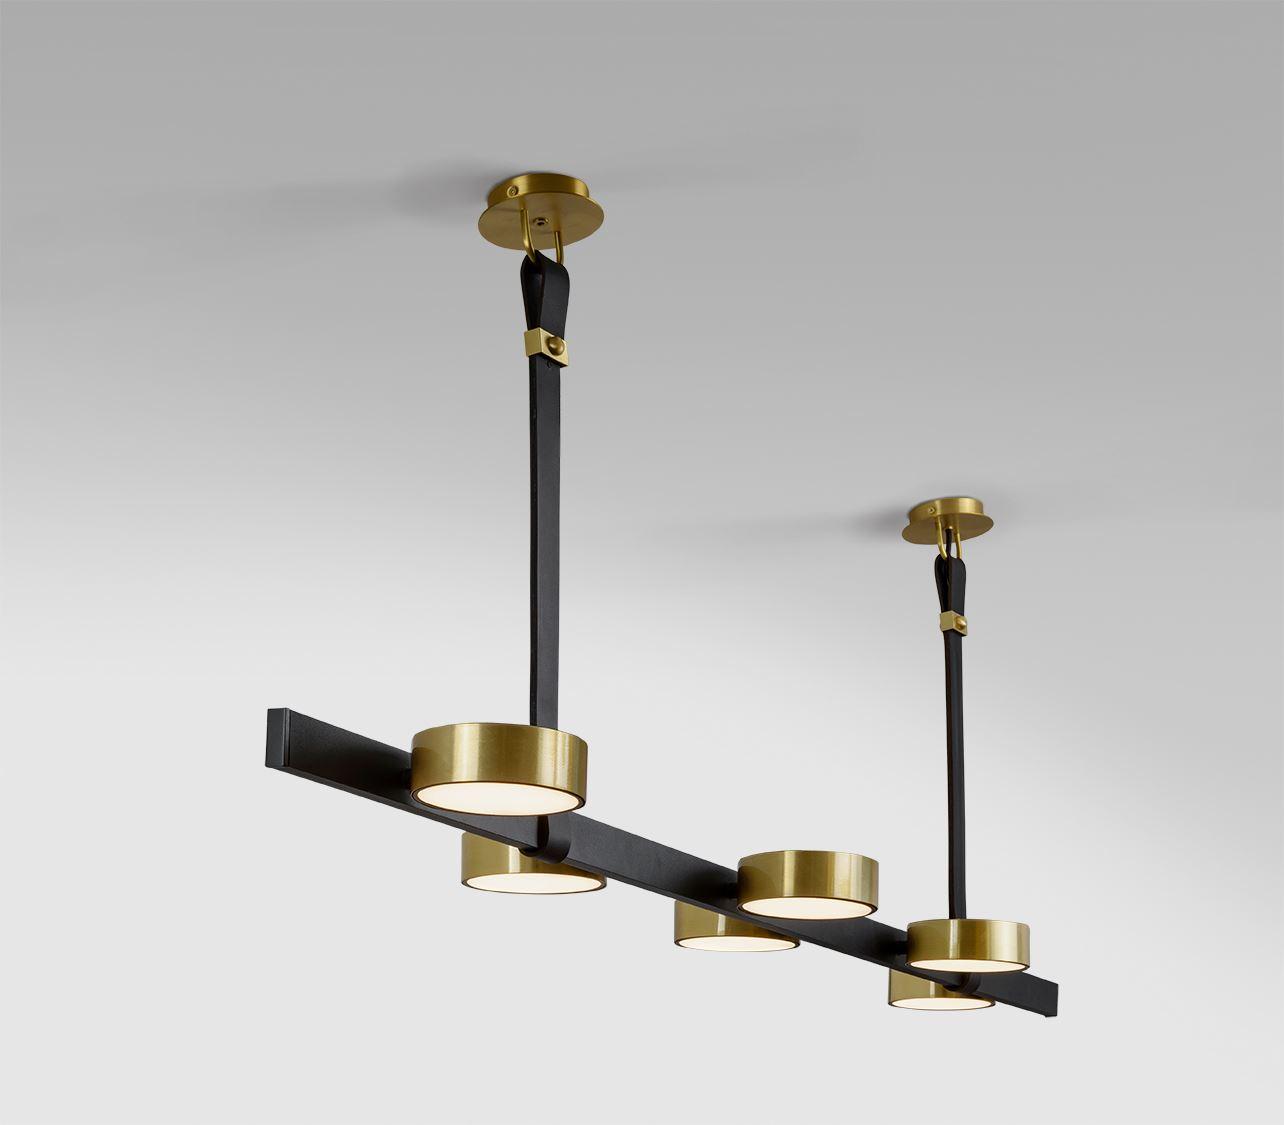 גופי תאורה מקטגוריית: מנורות תלויות ,שם המוצר: מנורת תליה COINS OUTLINE